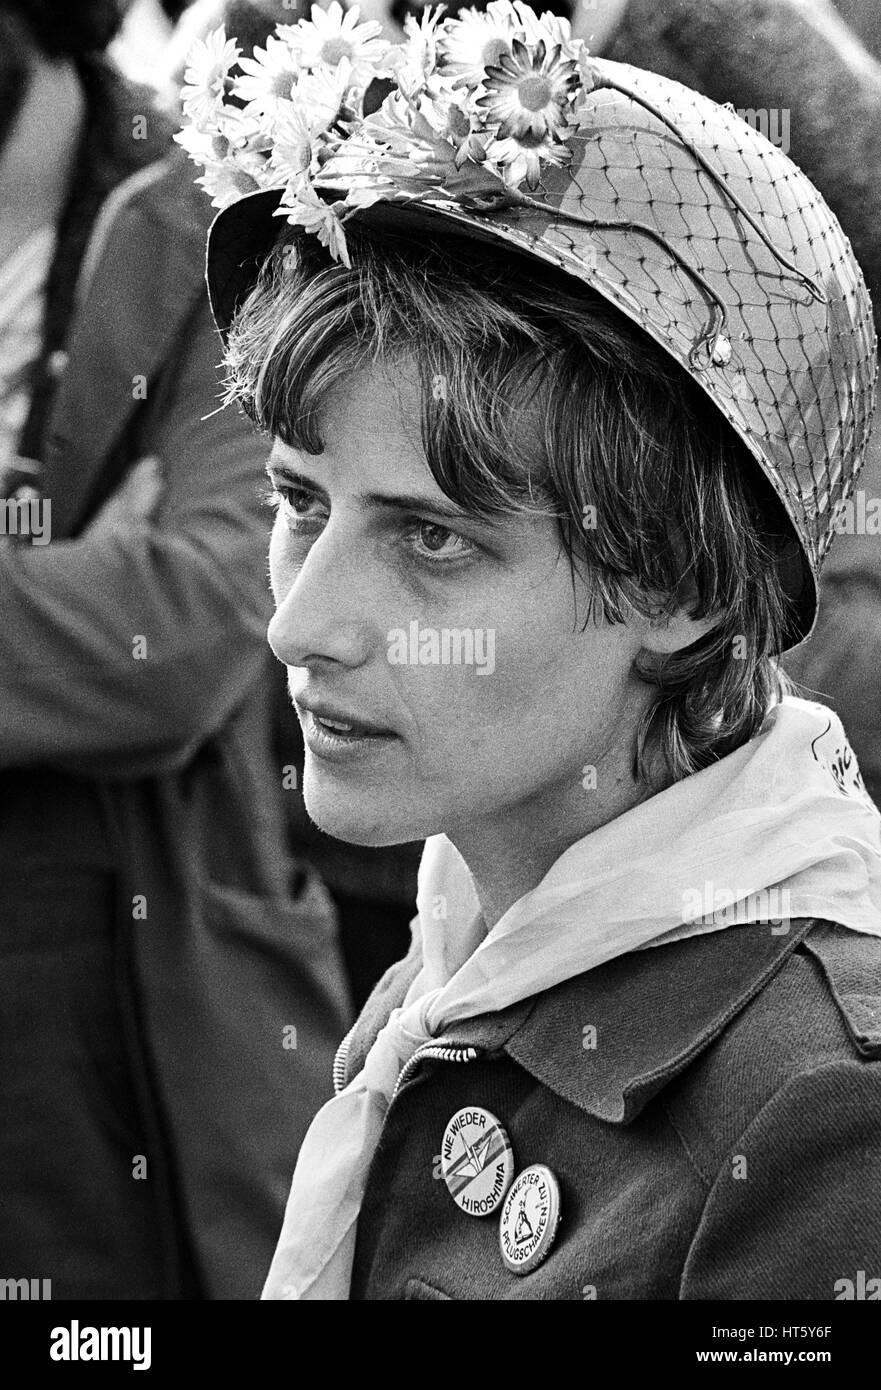 Mutlangen, Alemania 01.Sept.1983: Petra Kelly (* 29 de noviembre de 1947, † probablemente el 1 de octubre de 1992), Imagen De Stock